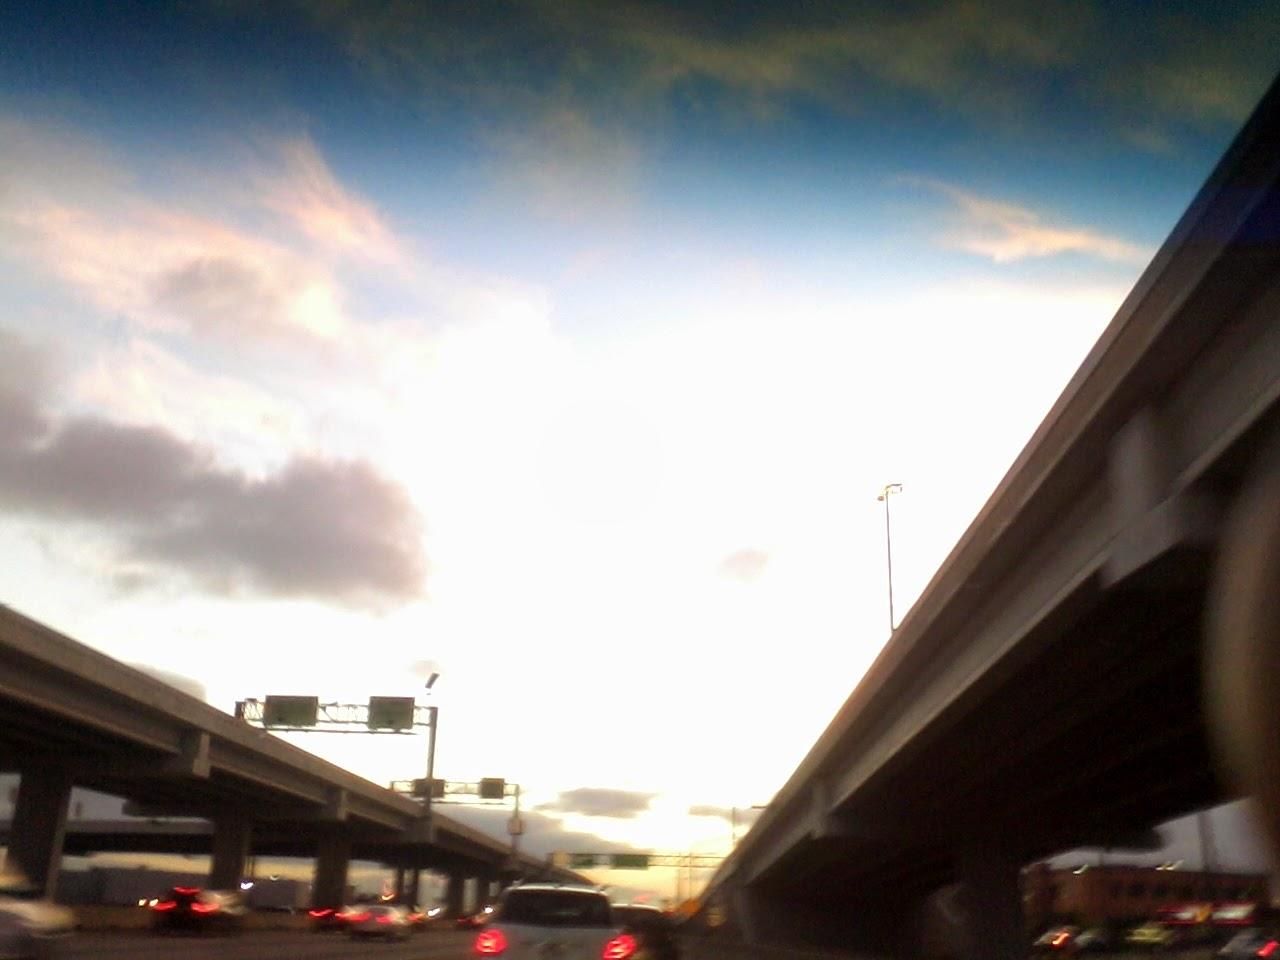 Sky - 1230174125.jpg